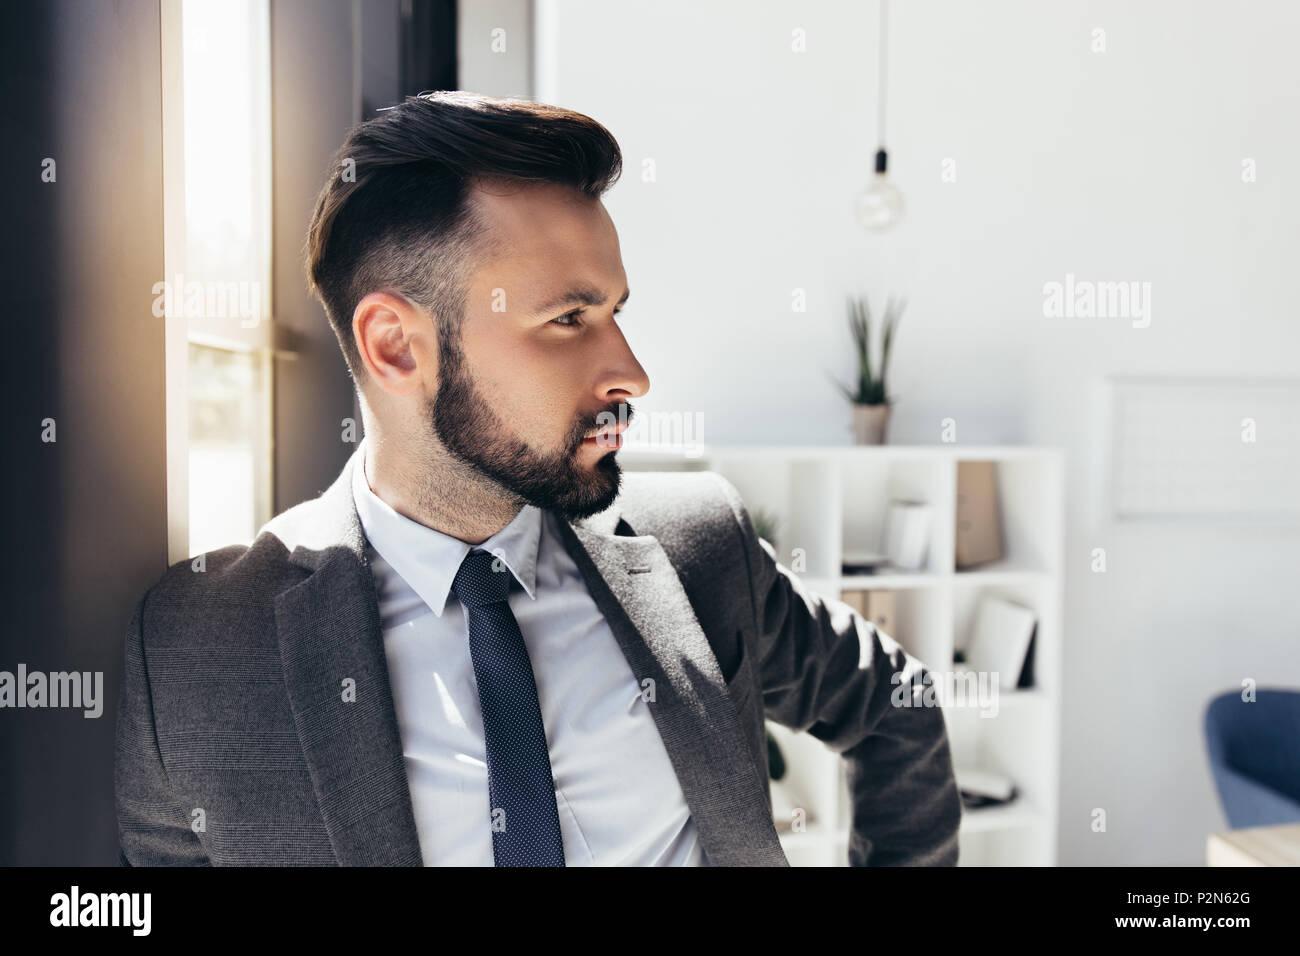 Ritratto di bello imprenditore nel usura formale che guarda lontano in un ufficio moderno Immagini Stock